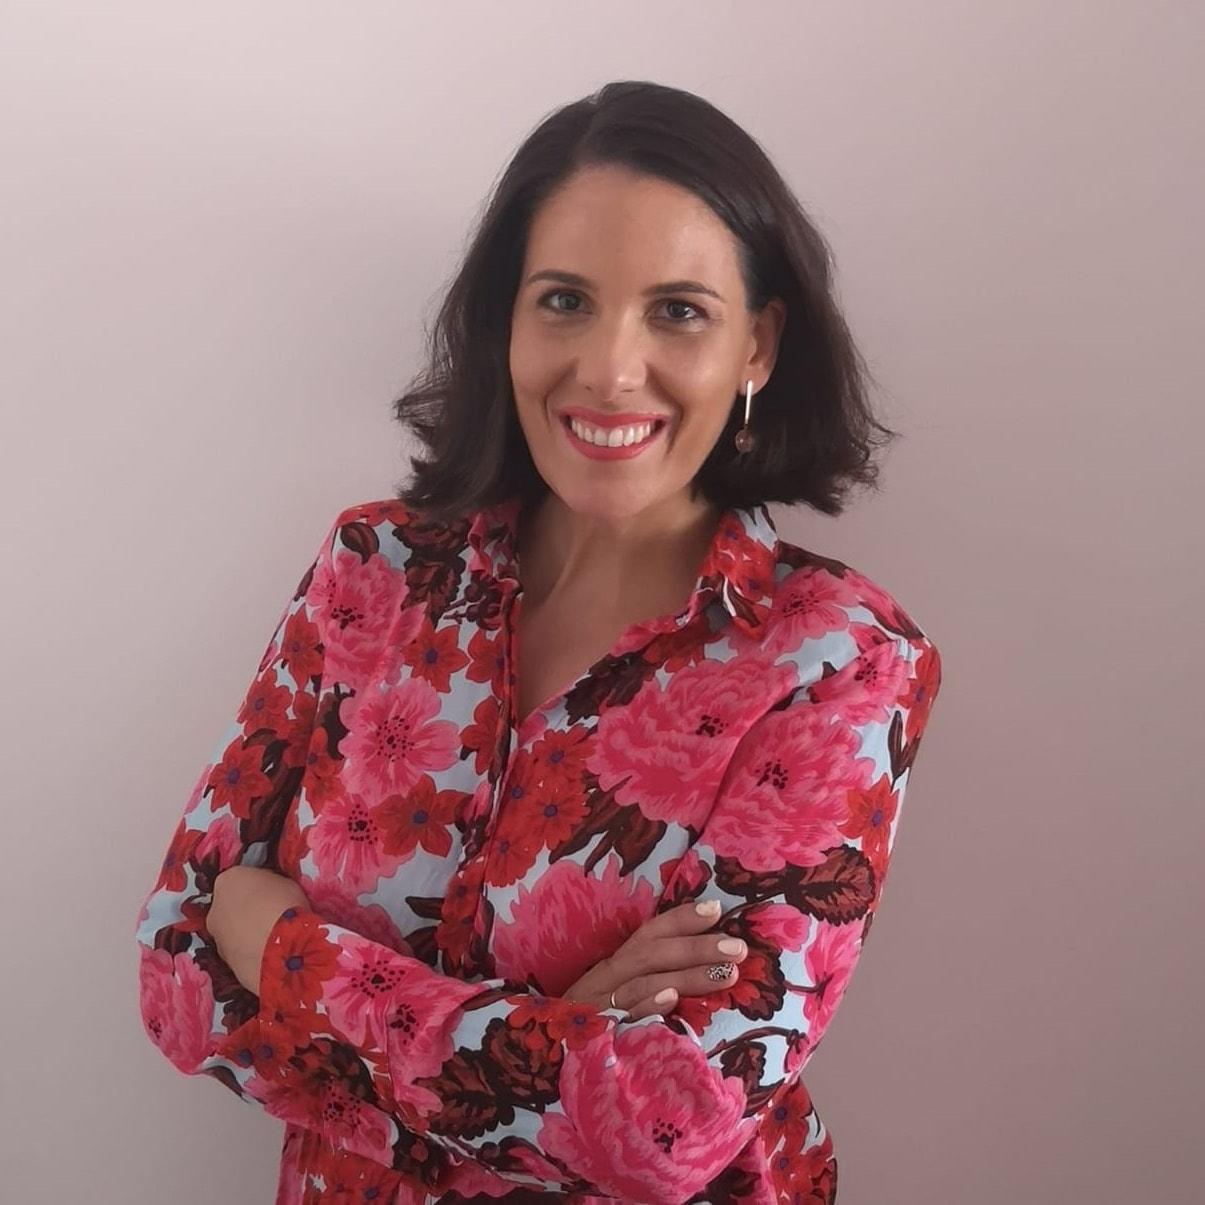 Rocío Luque